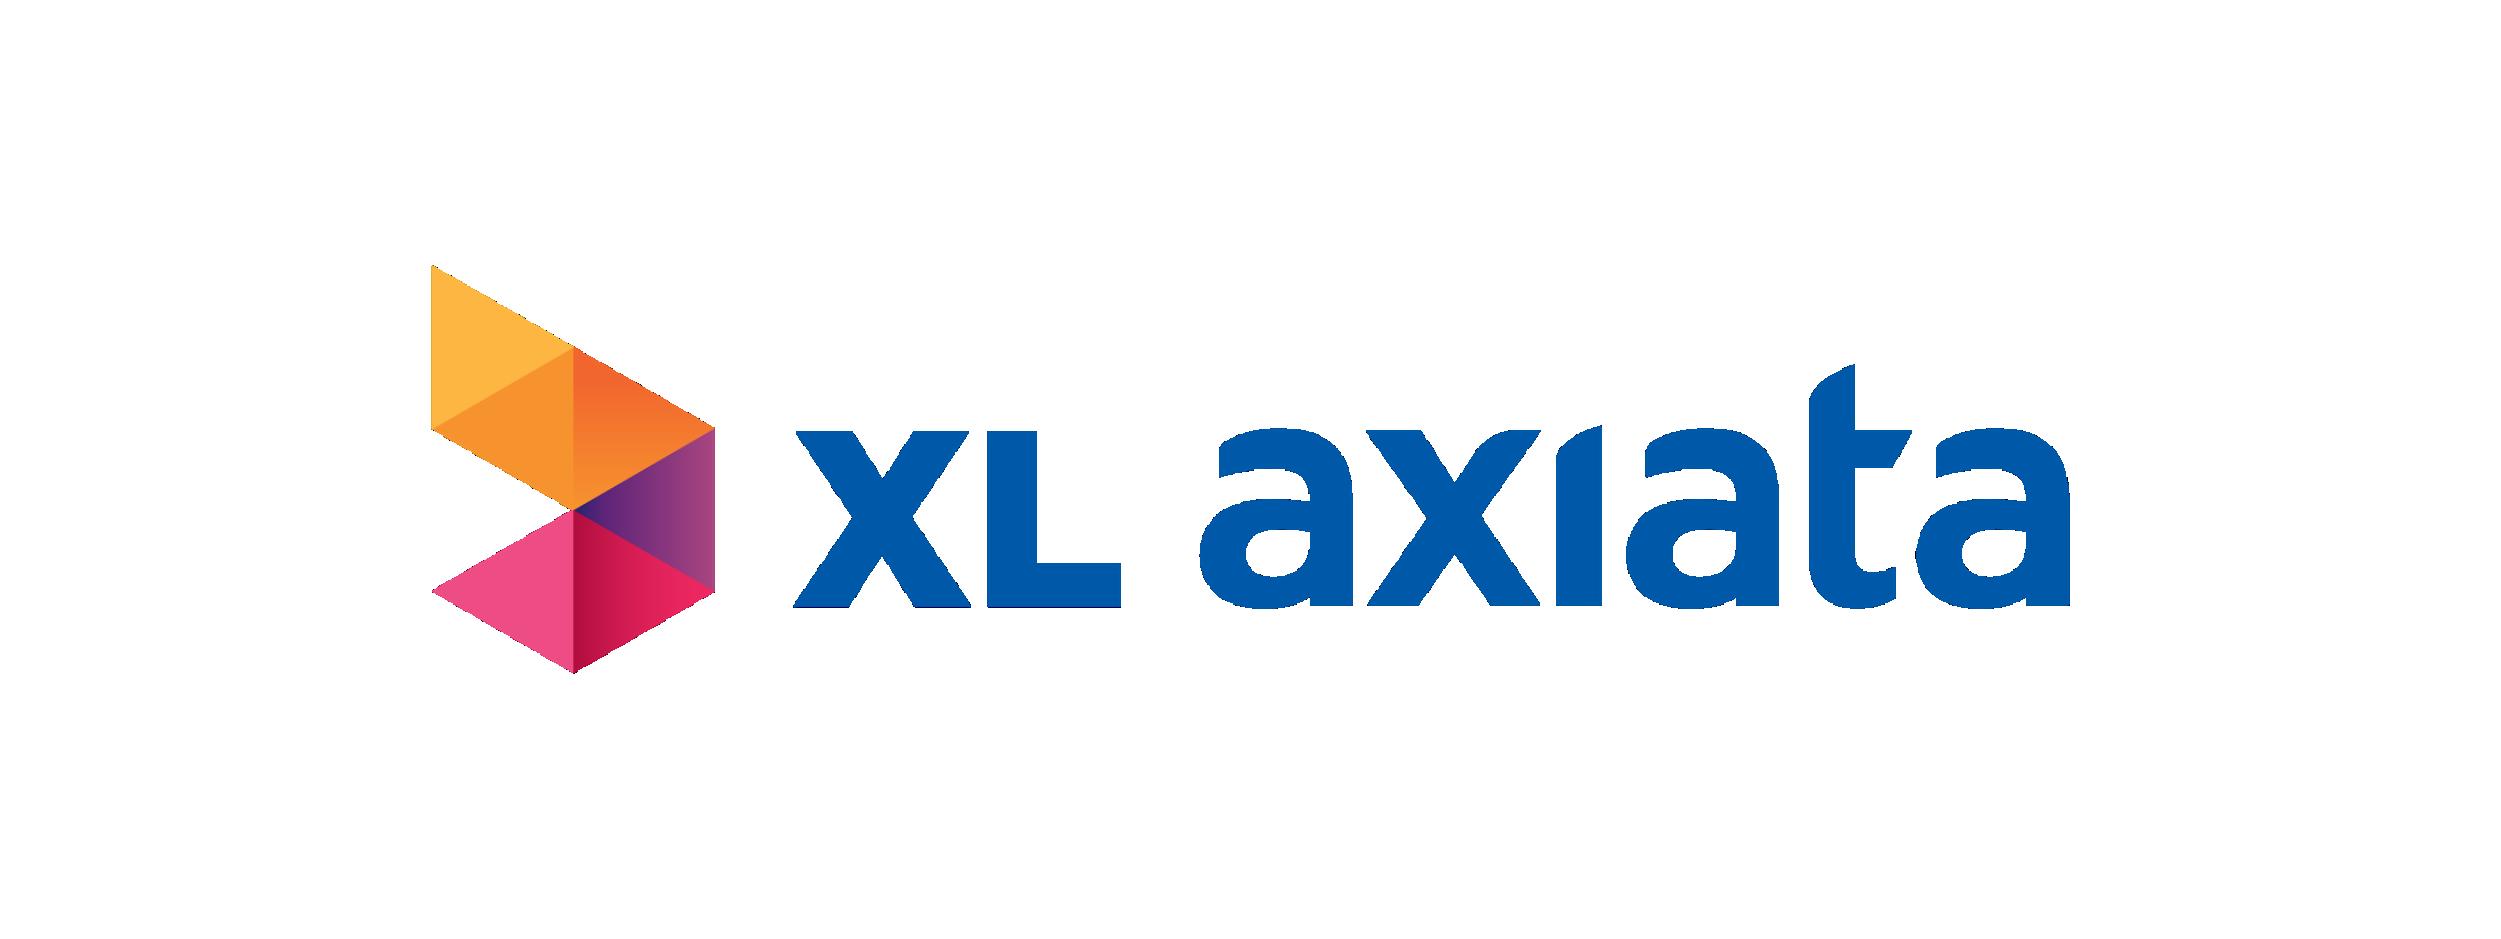 xl-fix